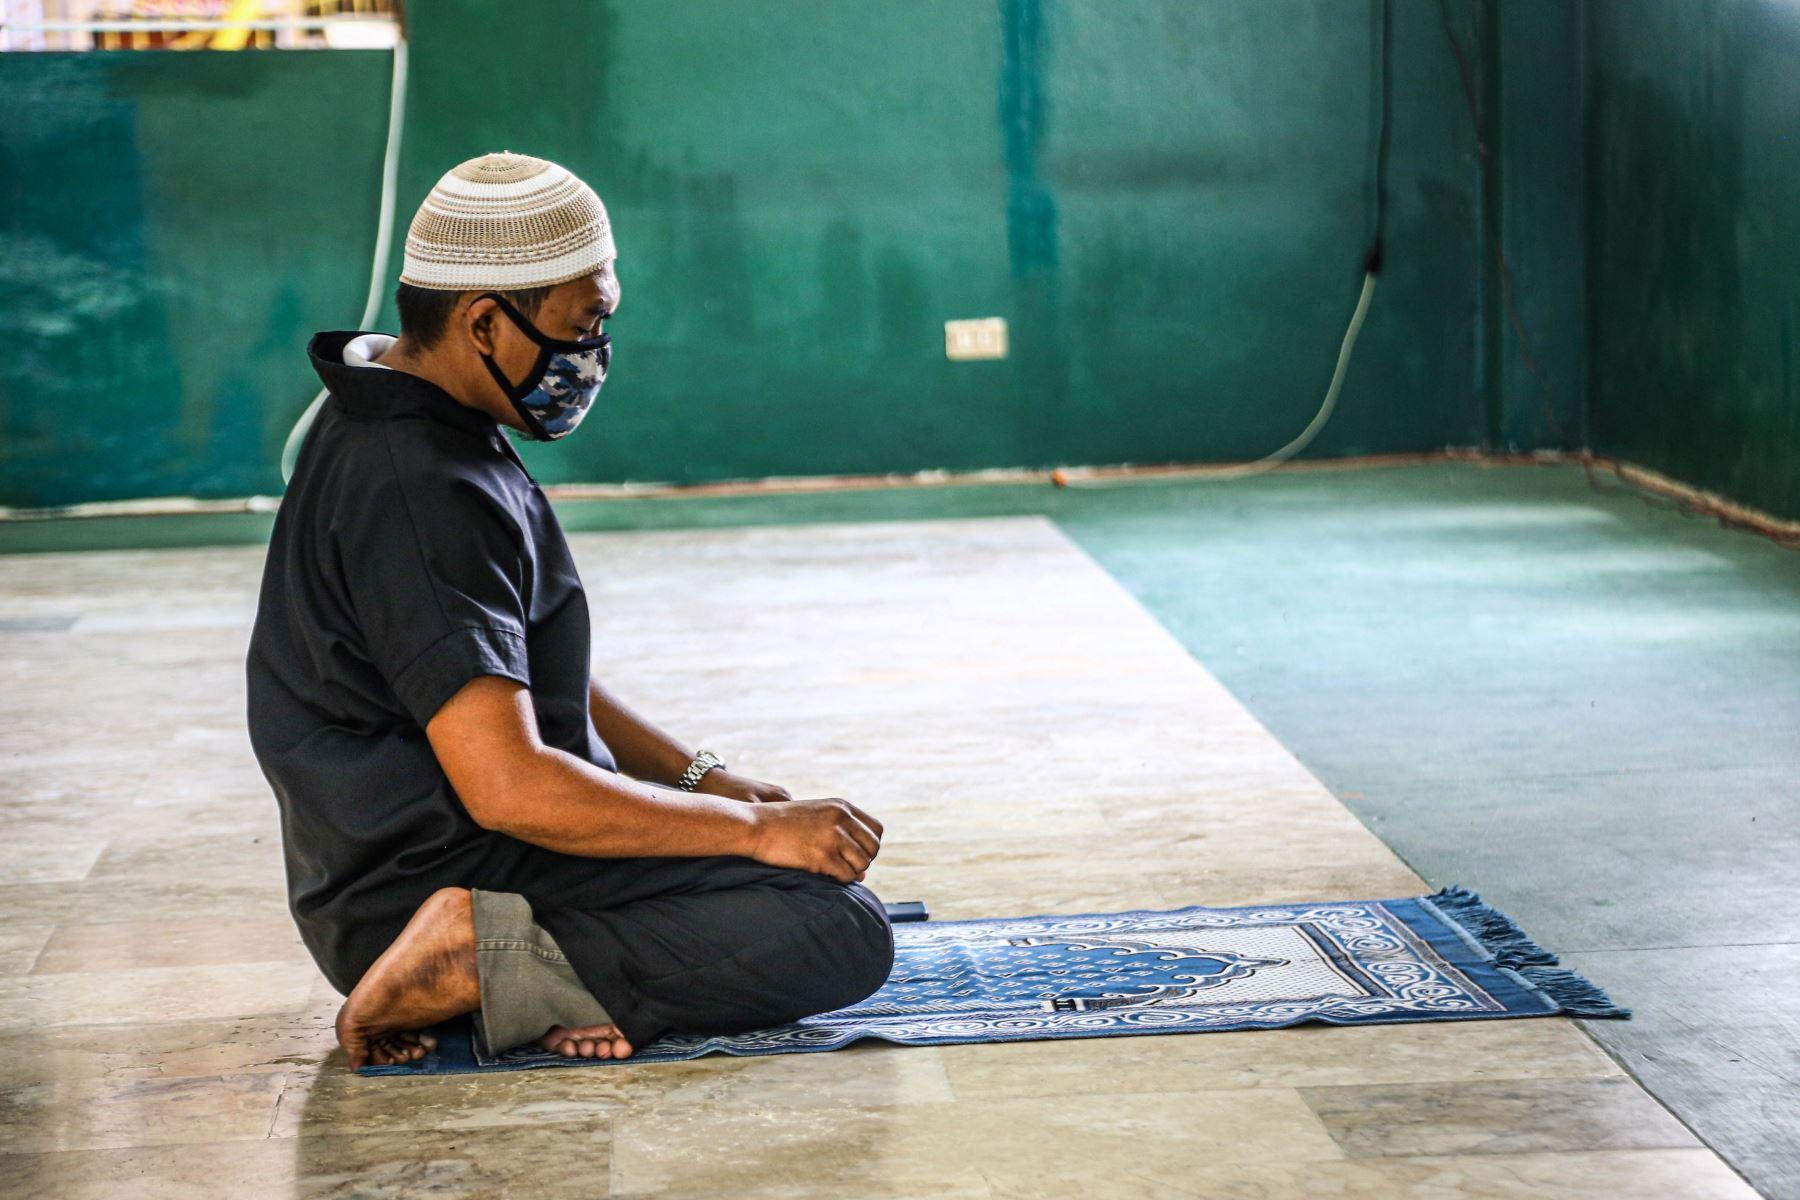 Un imán reza en una mezquita vacía en la ciudad de Coatabato, en la isla sureña de Mindanao. Aún no se permiten reuniones masivas en mezquitas o iglesias, como parte del esfuerzo del gobierno para contener la propagación del brote de coronavirus covid-19.